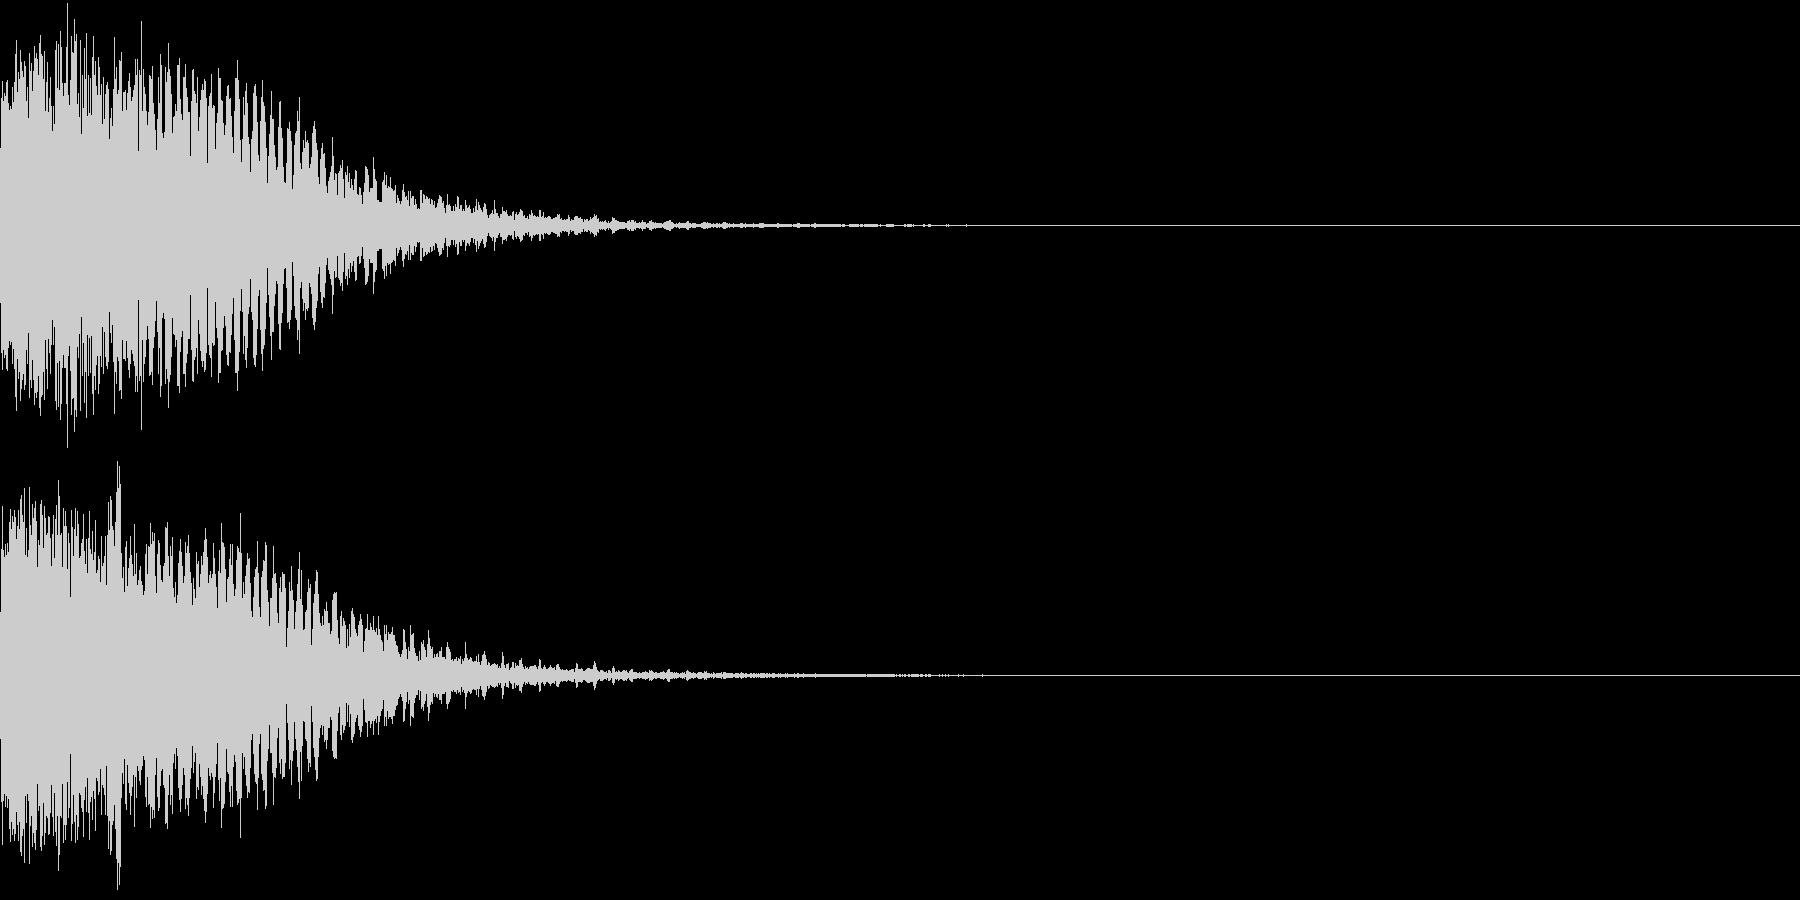 光る フラッシュ 衝撃 キーン H1の未再生の波形